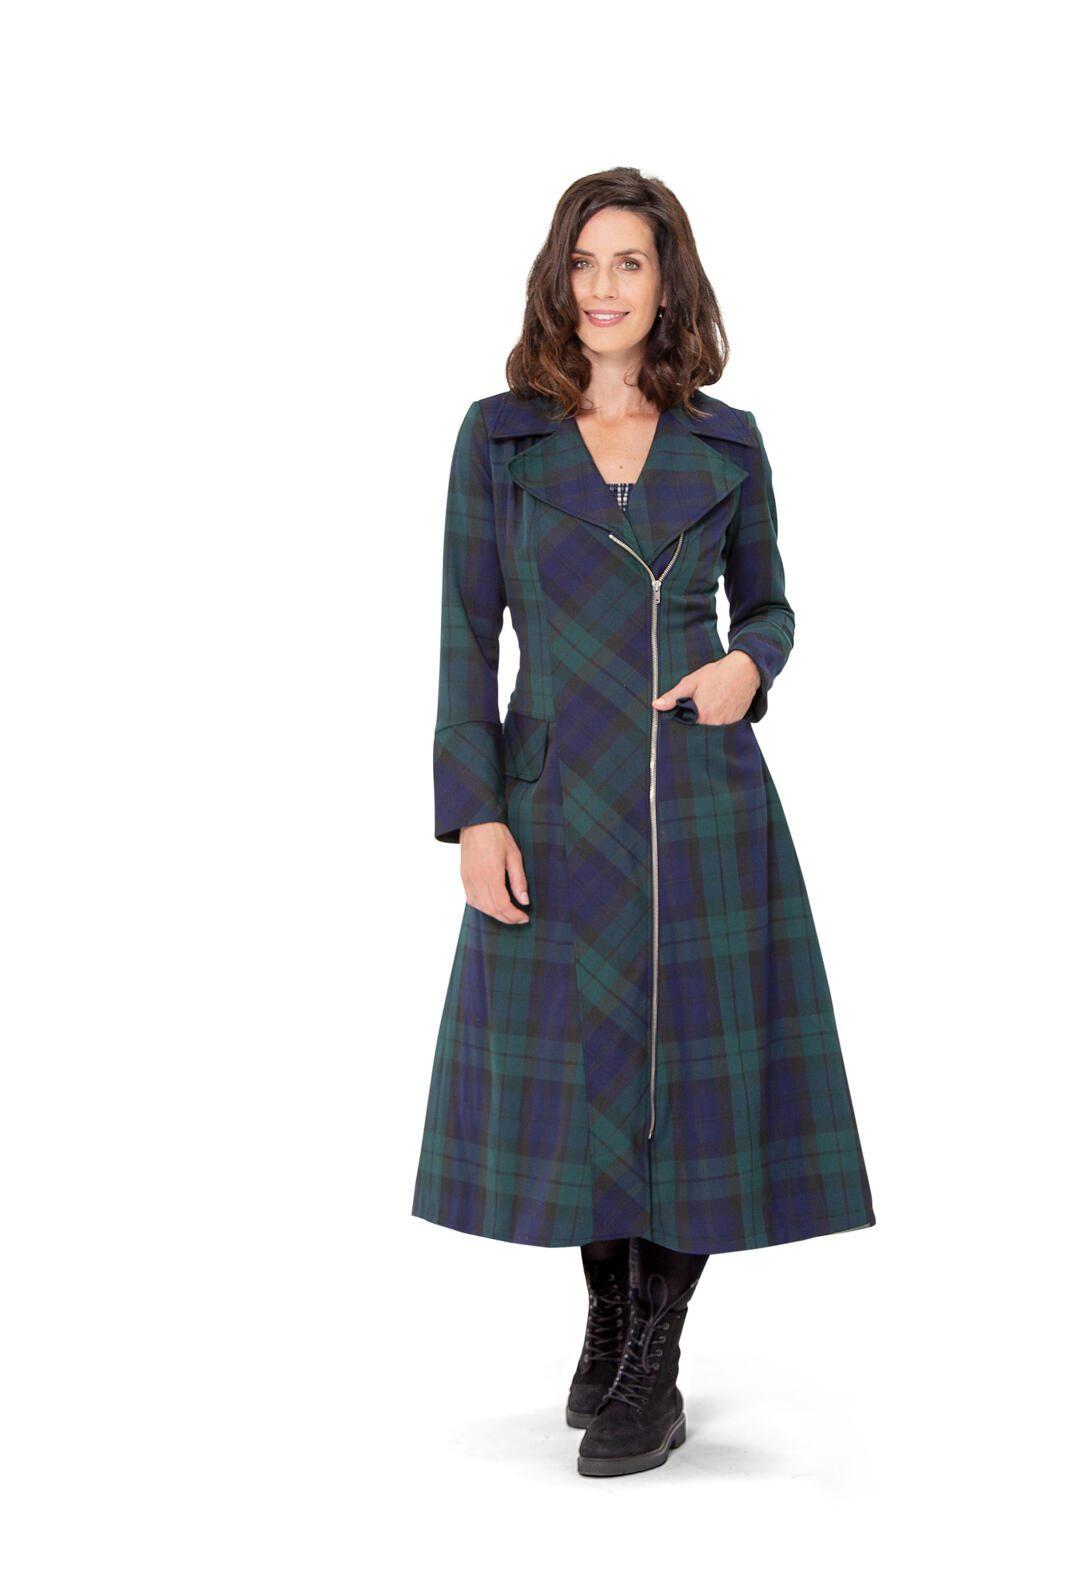 KM 9 robe-manteau 15